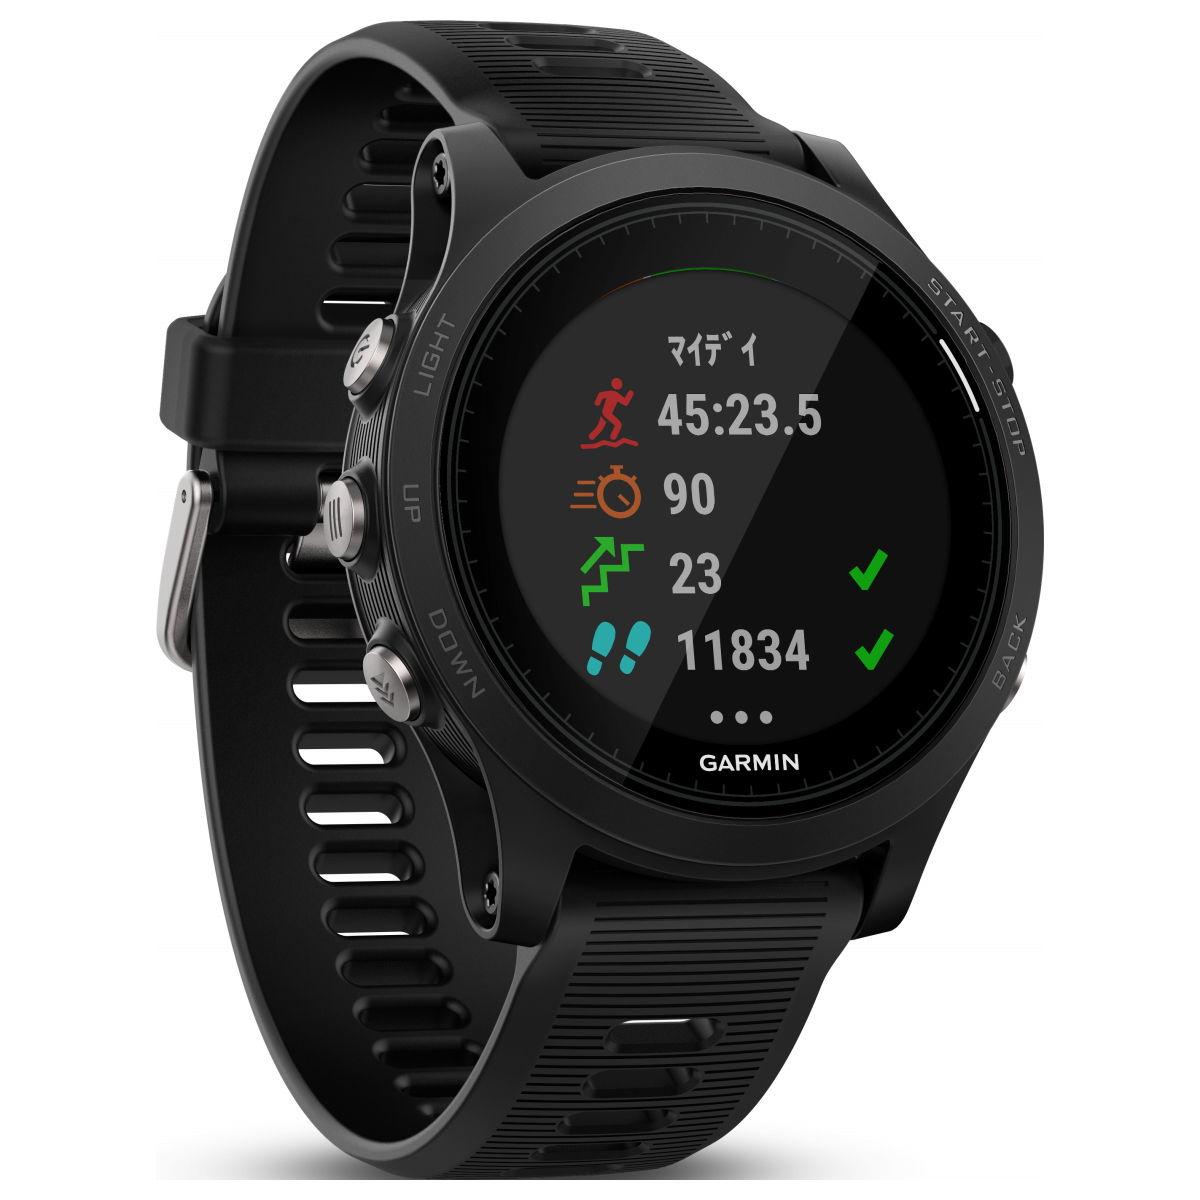 ガーミン GARMIN フォーアスリート935 ForeAthlete935 Black スマートウォッチ ウェアラブル端末 腕時計 メンズ レディース 010-01746-14